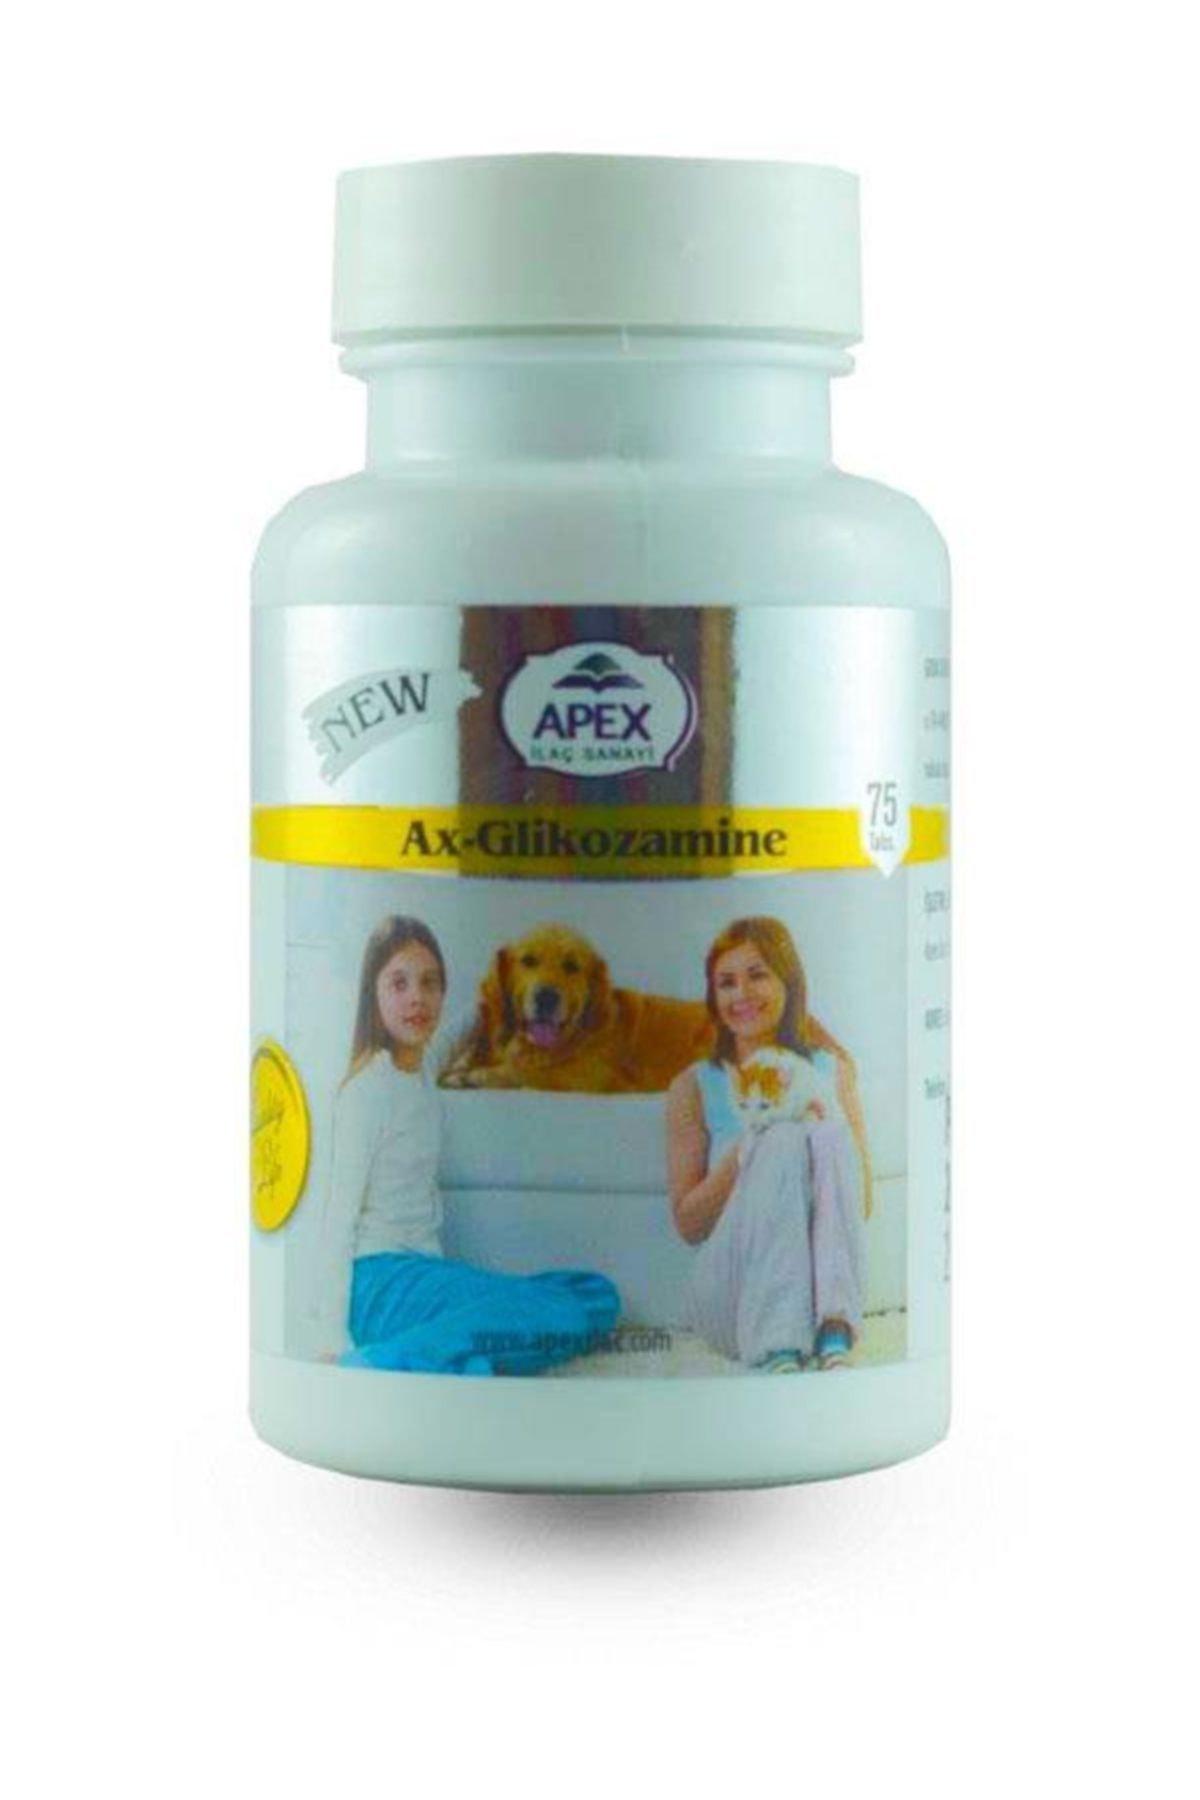 Apex Kedi Ve Köpekler Için Glikozamine Eklem Güçlendirici Tablet 75adet 1